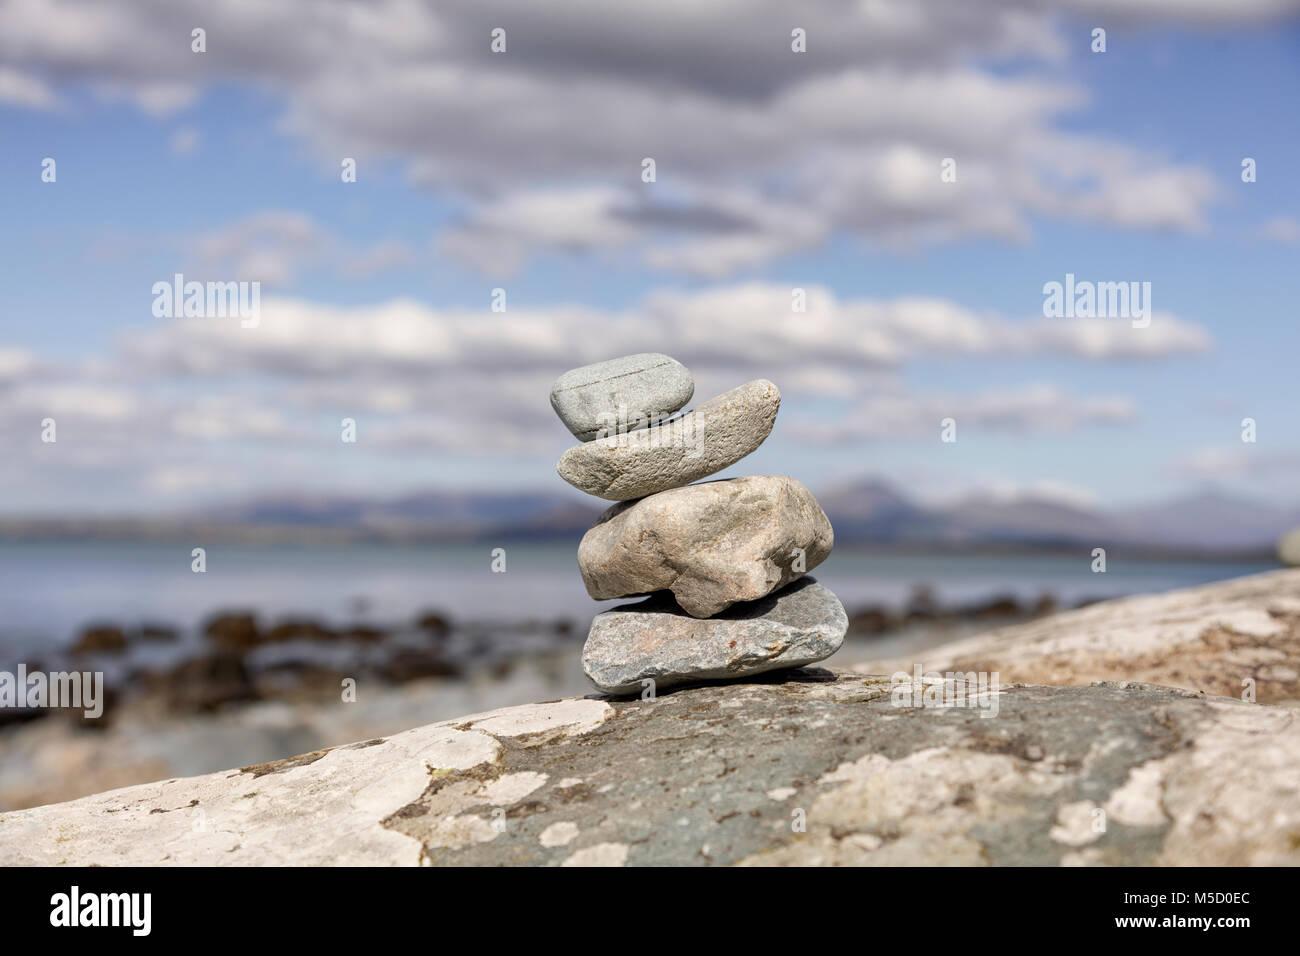 pebble sculpture photos pebble sculpture images alamy. Black Bedroom Furniture Sets. Home Design Ideas